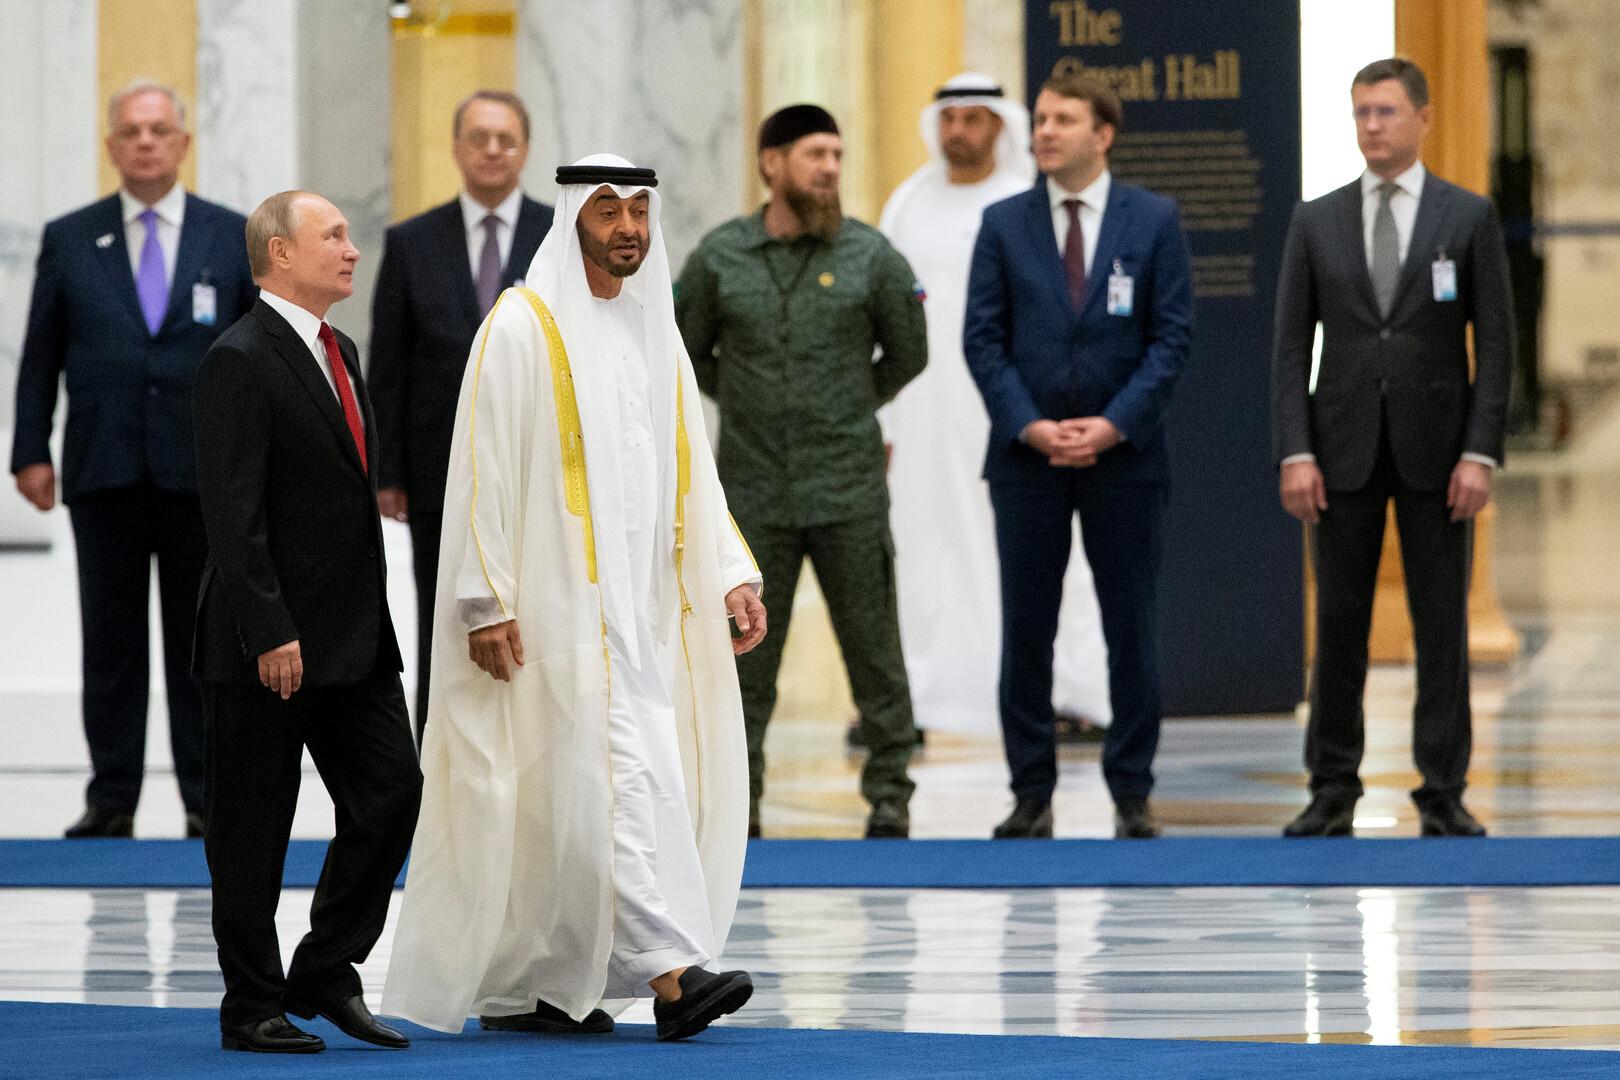 قديروف يكشف ما جرى خلف الأضواء خلال زيارة بوتين إلى السعودية والإمارات